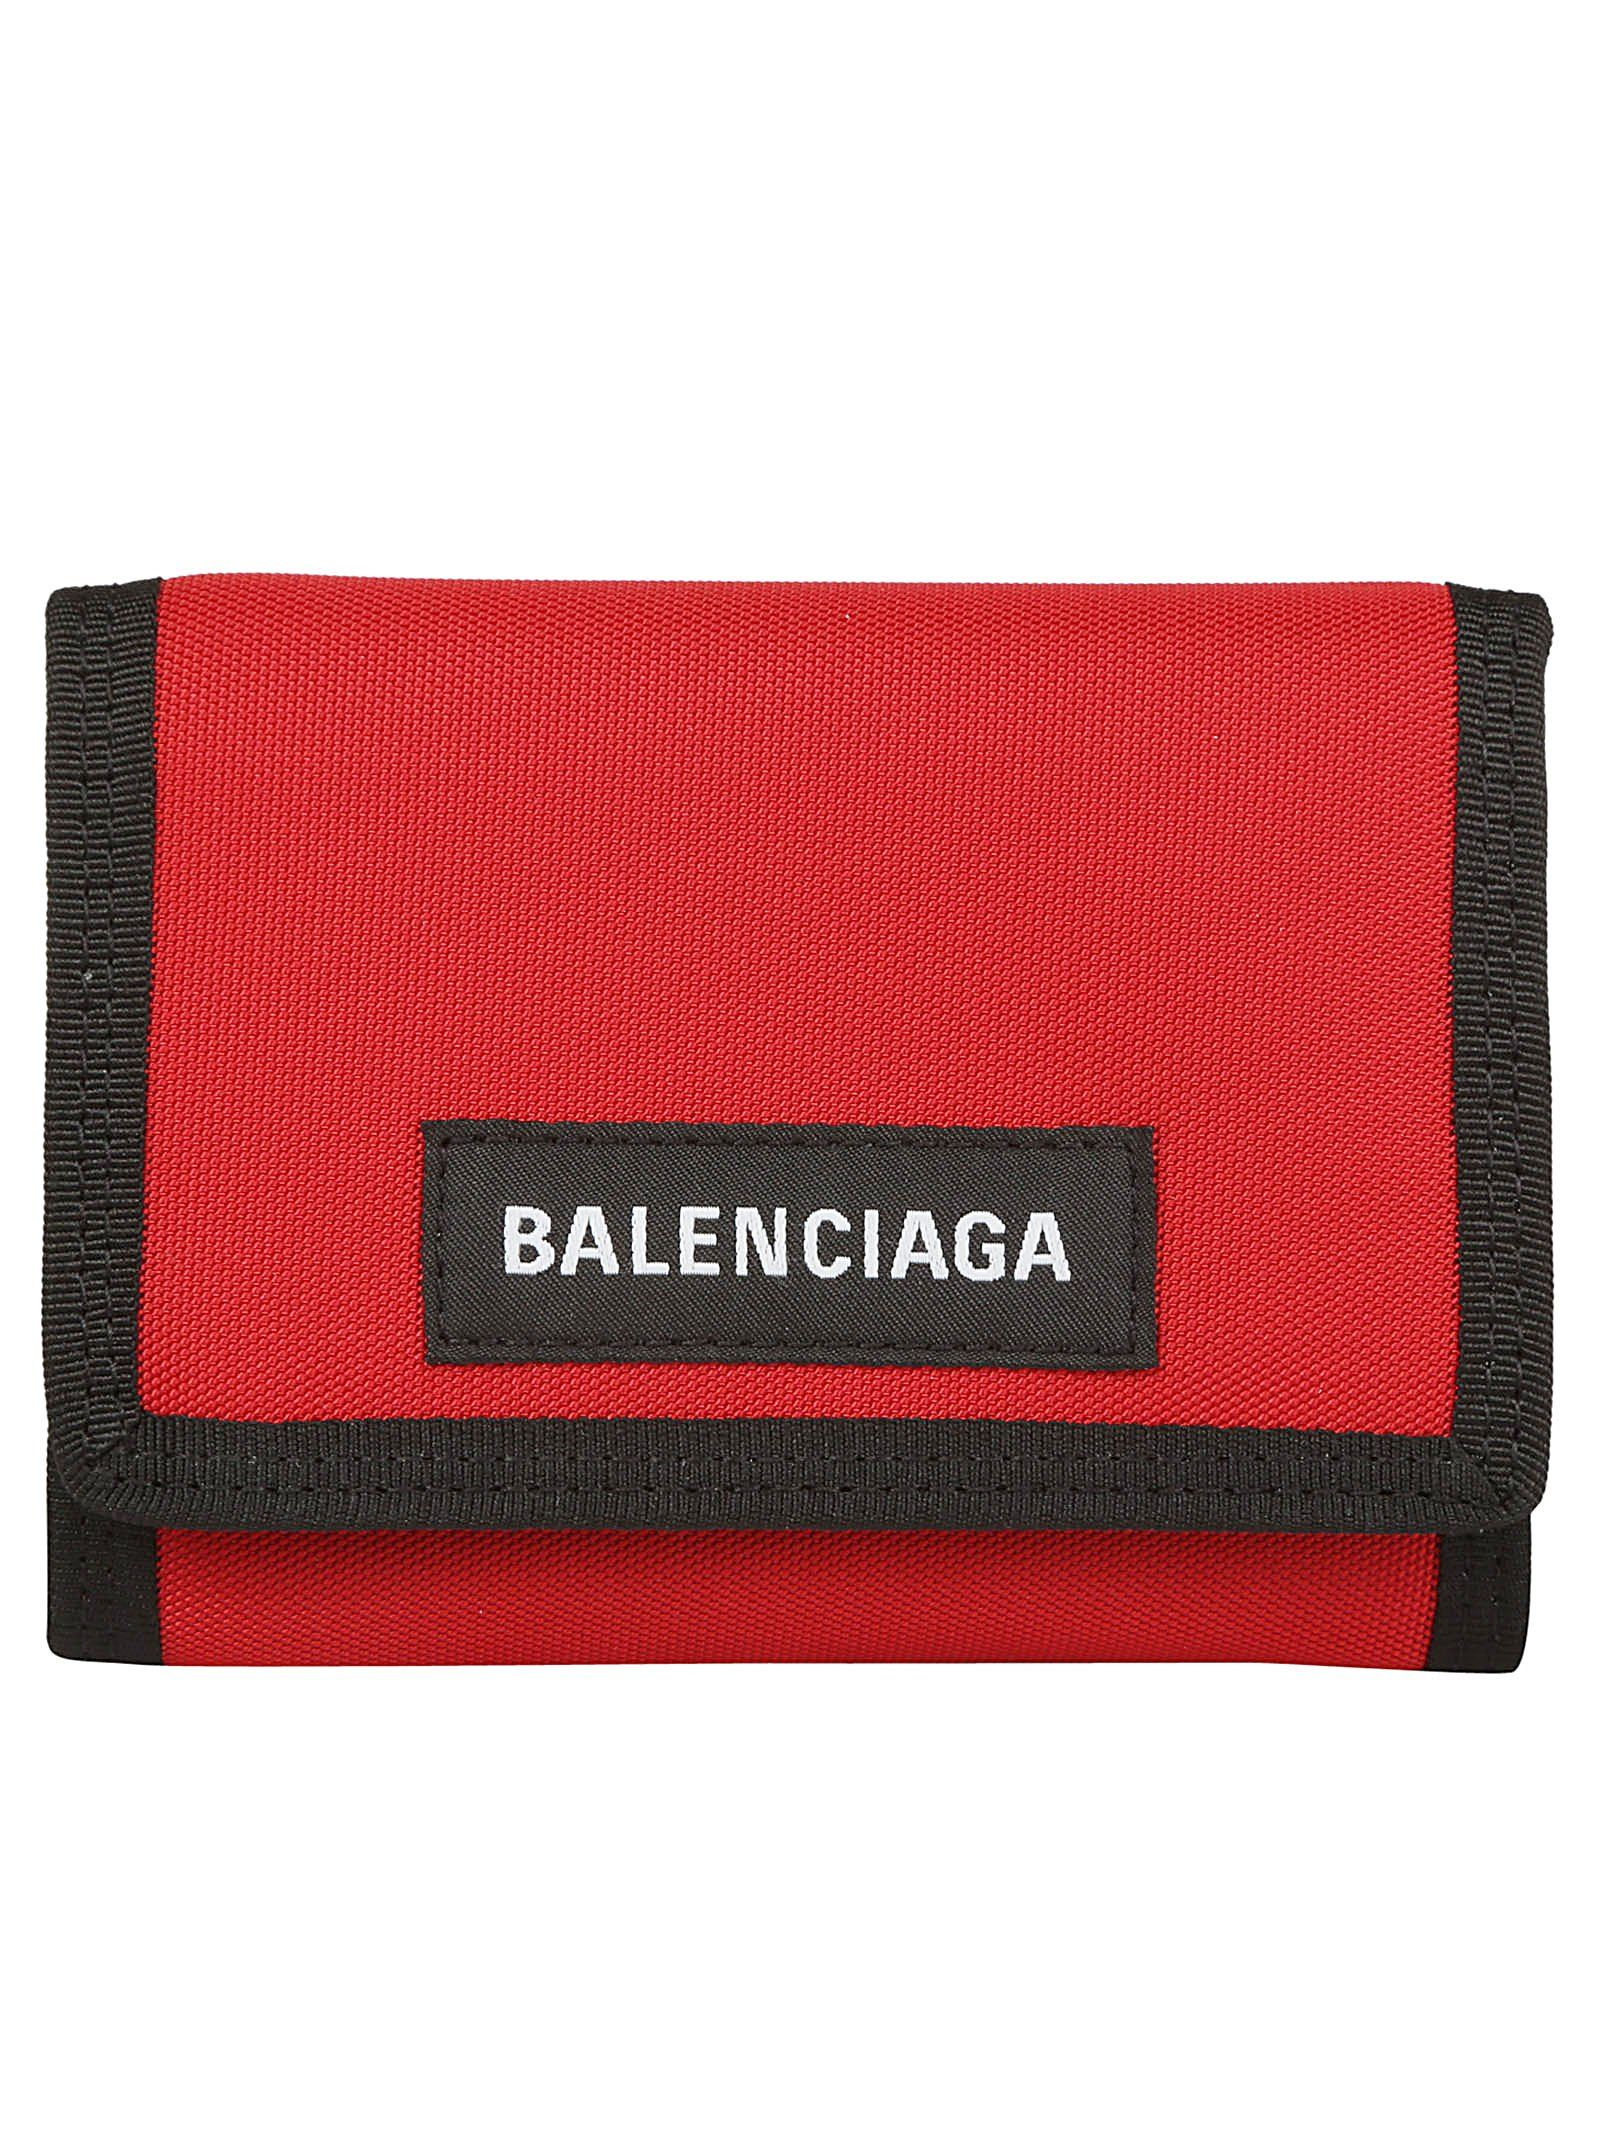 98d06767917b BALENCIAGA BALENCIAGA EXPLORER WALLET.  balenciaga